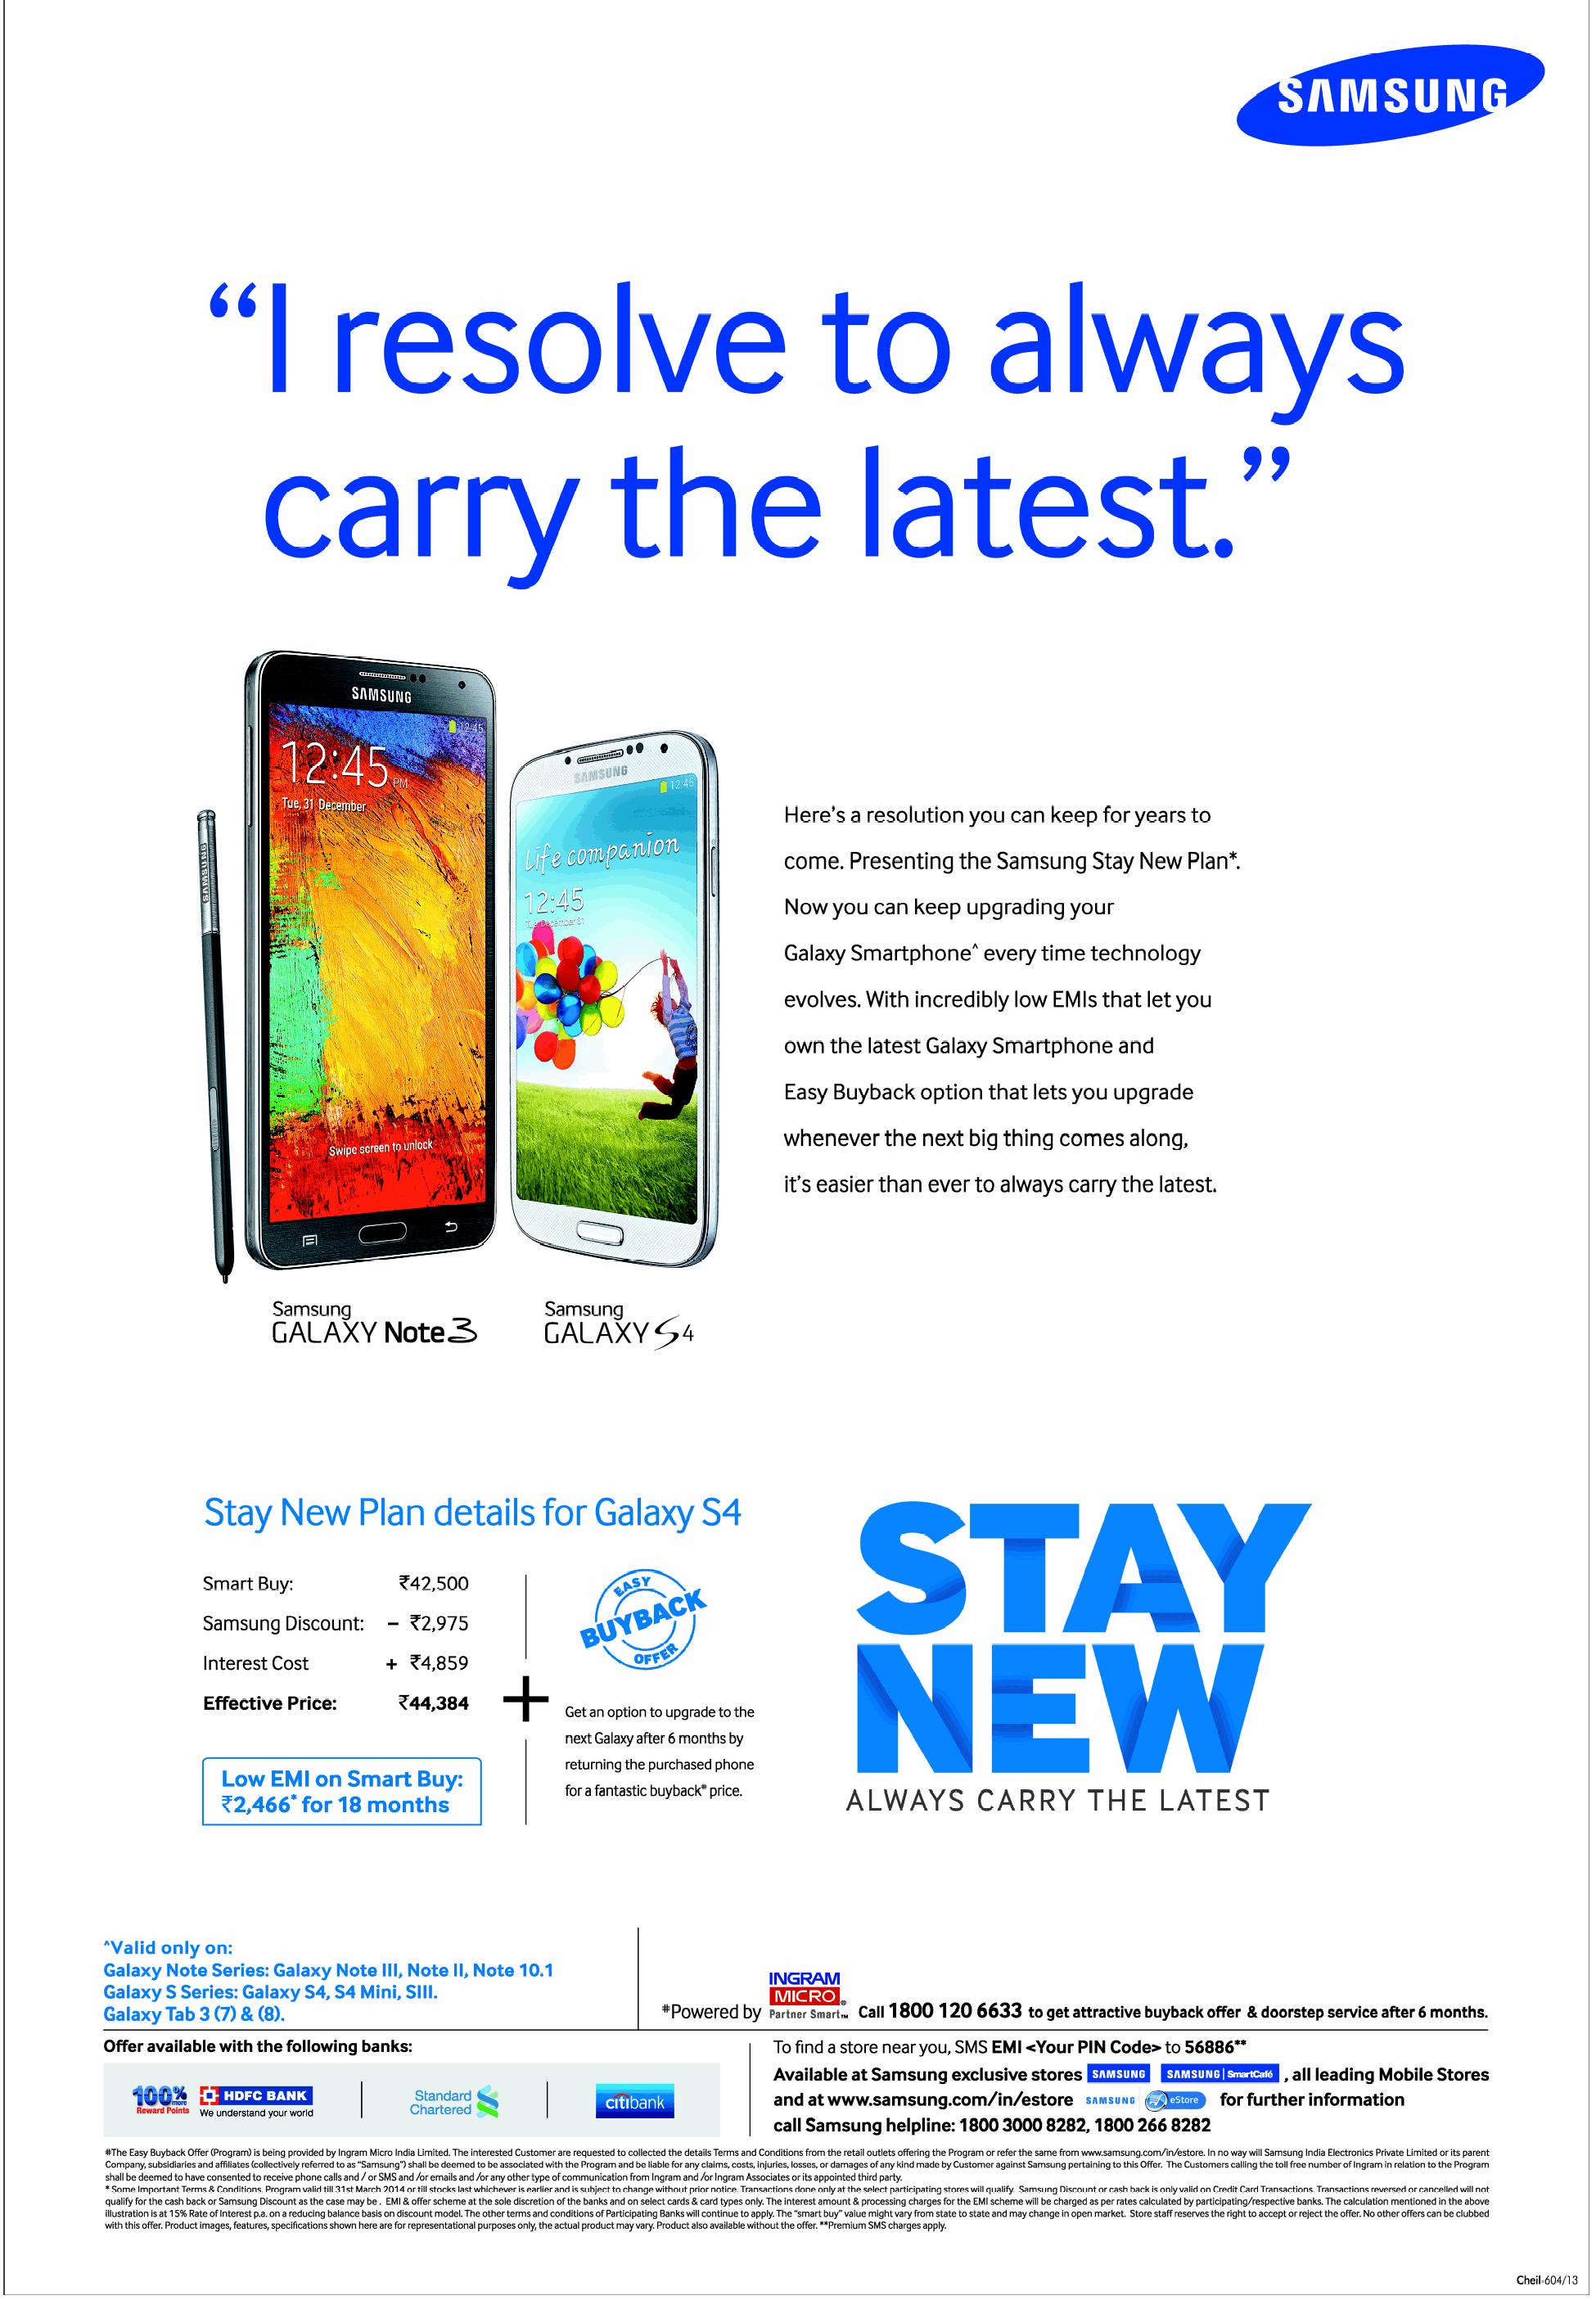 Samsung Stay New Plan